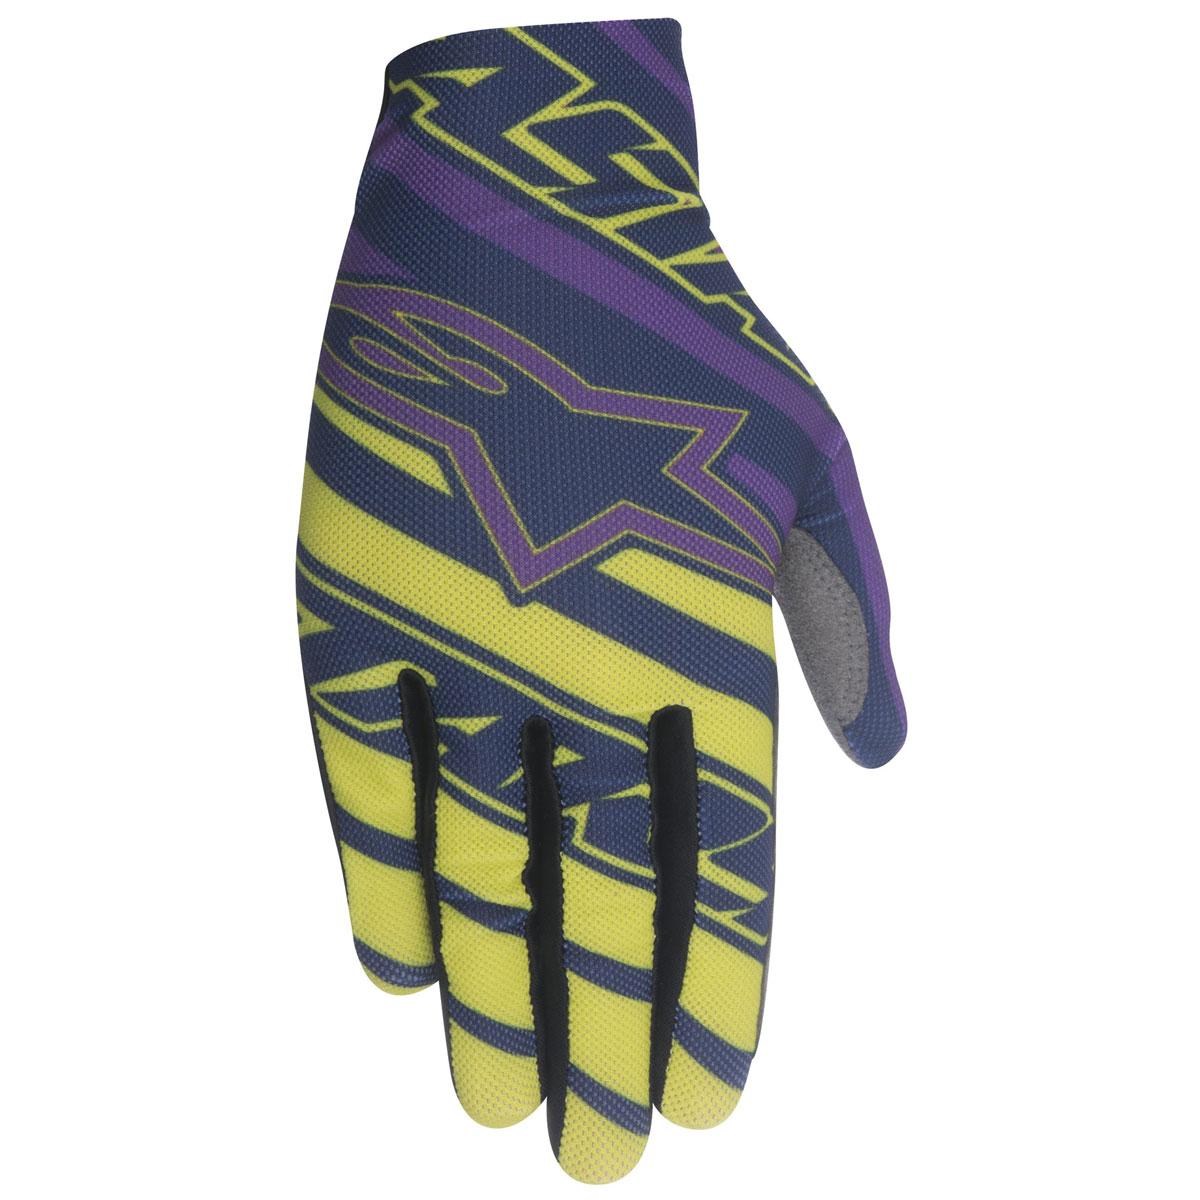 Alpinestars Men's Dune Navy/Lime Green/Purple Gloves